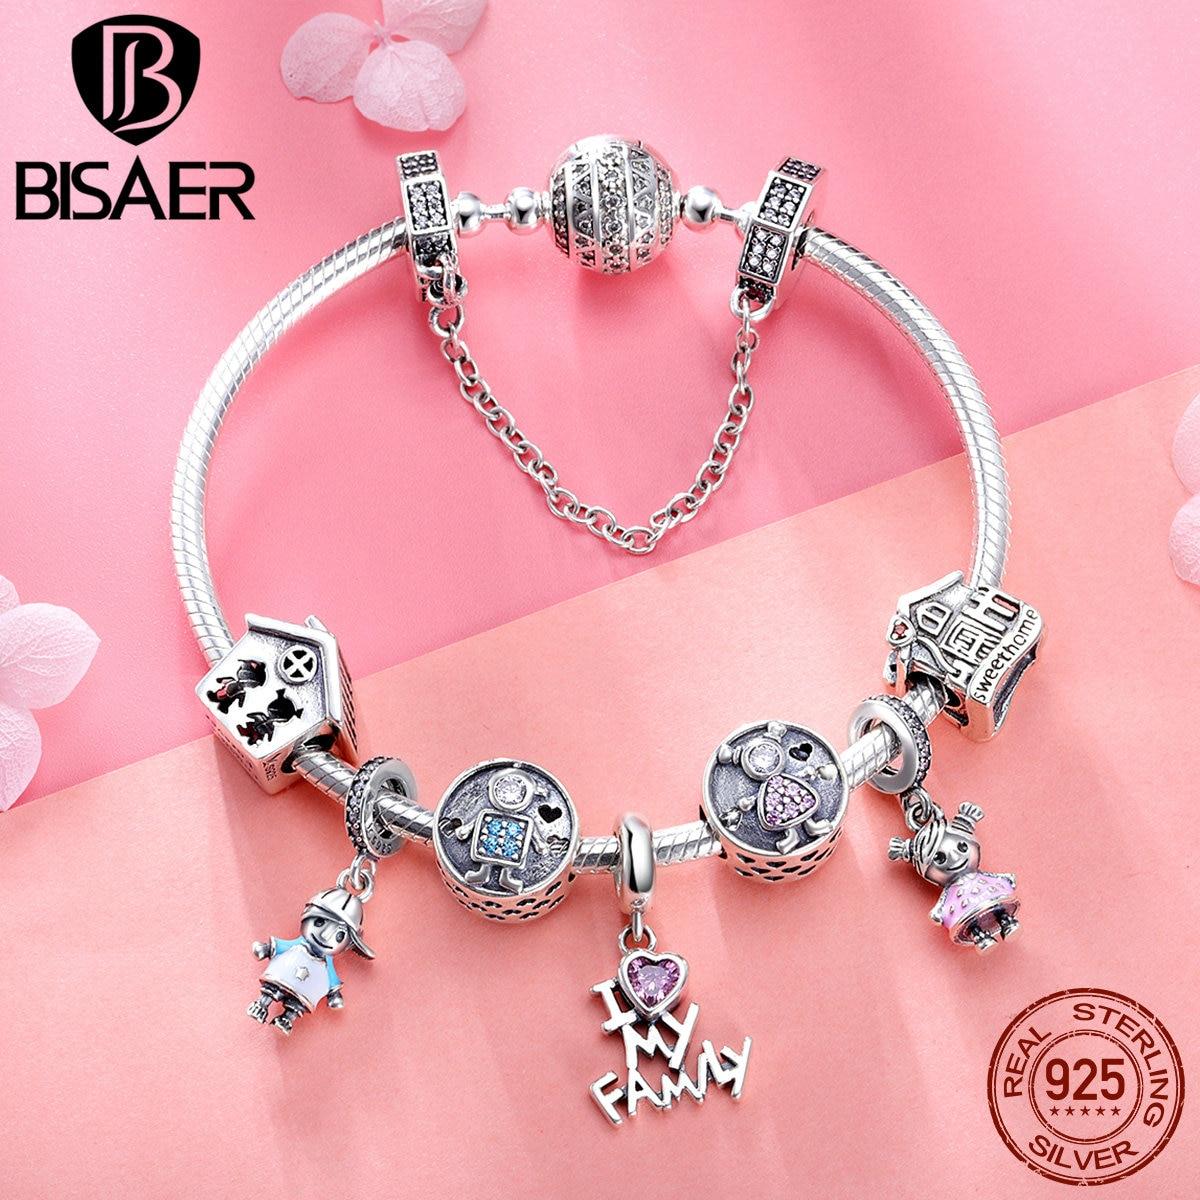 925 Sterling Argent Bracelets Amour Famille Maison Sécurité Chaîne Femme Bracelets & Bangles pour les Femmes Pulseira Bijoux En Argent ECB810